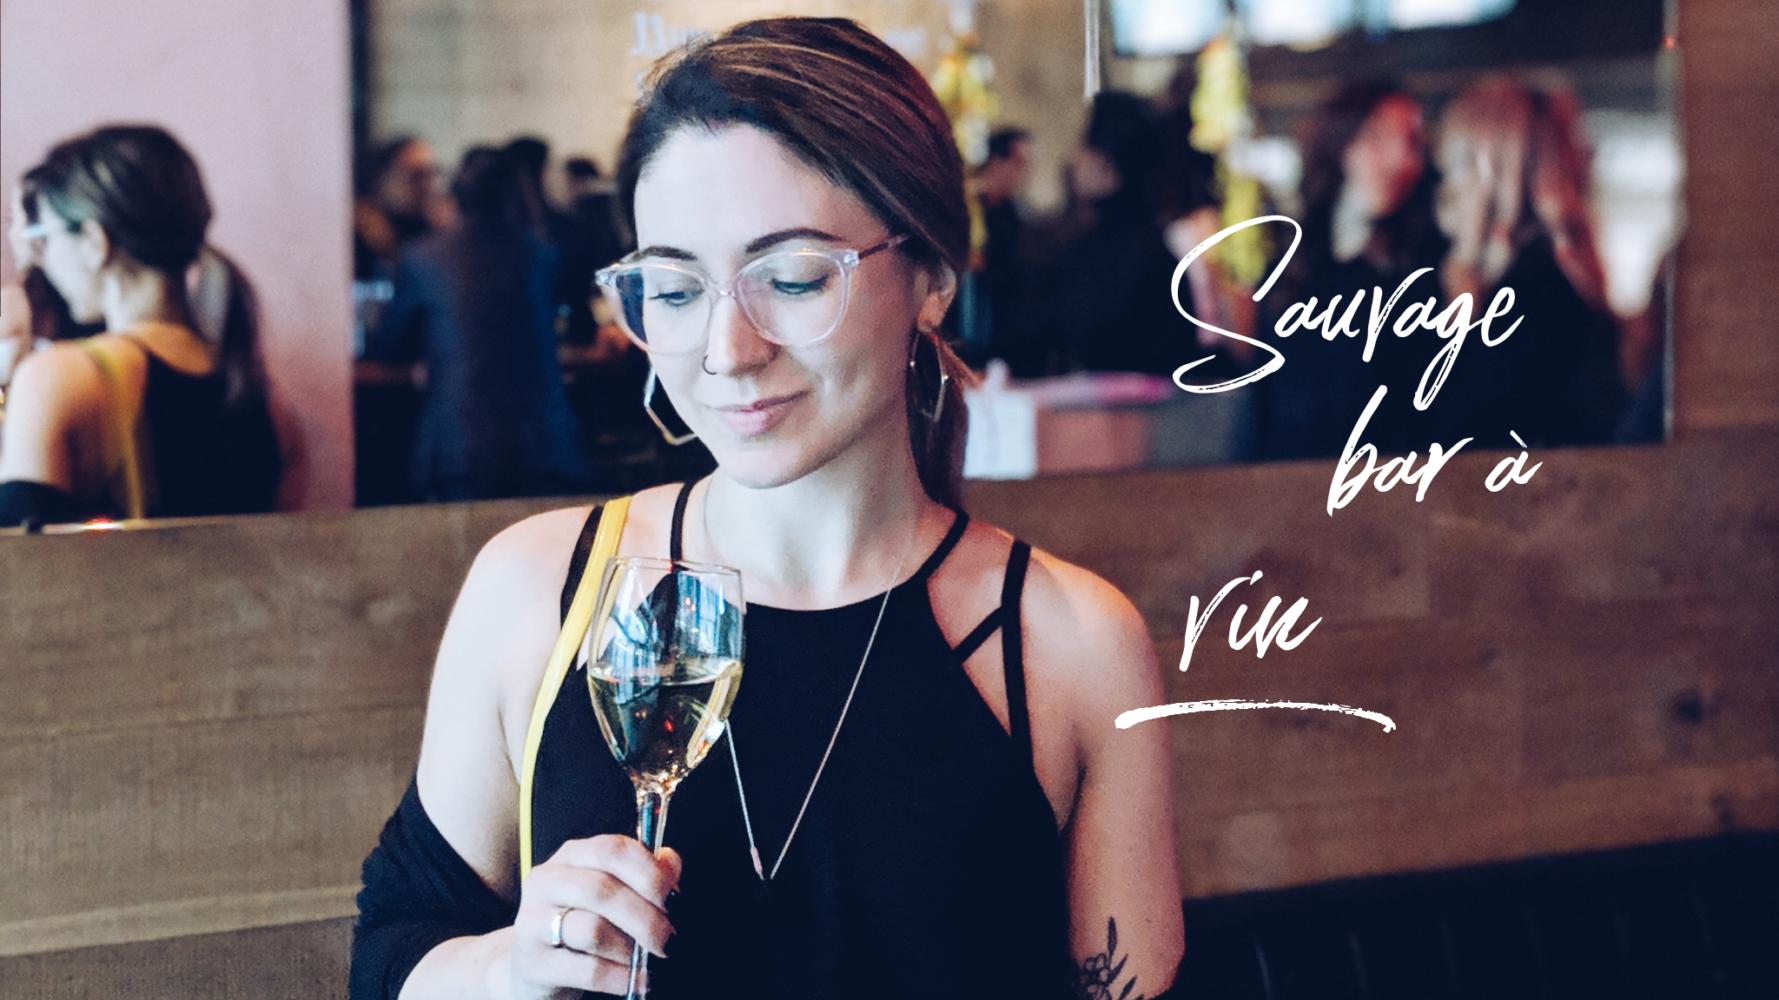 Ariane et Andrew sont allés à l'ouverture du Sauvage bar à vin au centre-ville.